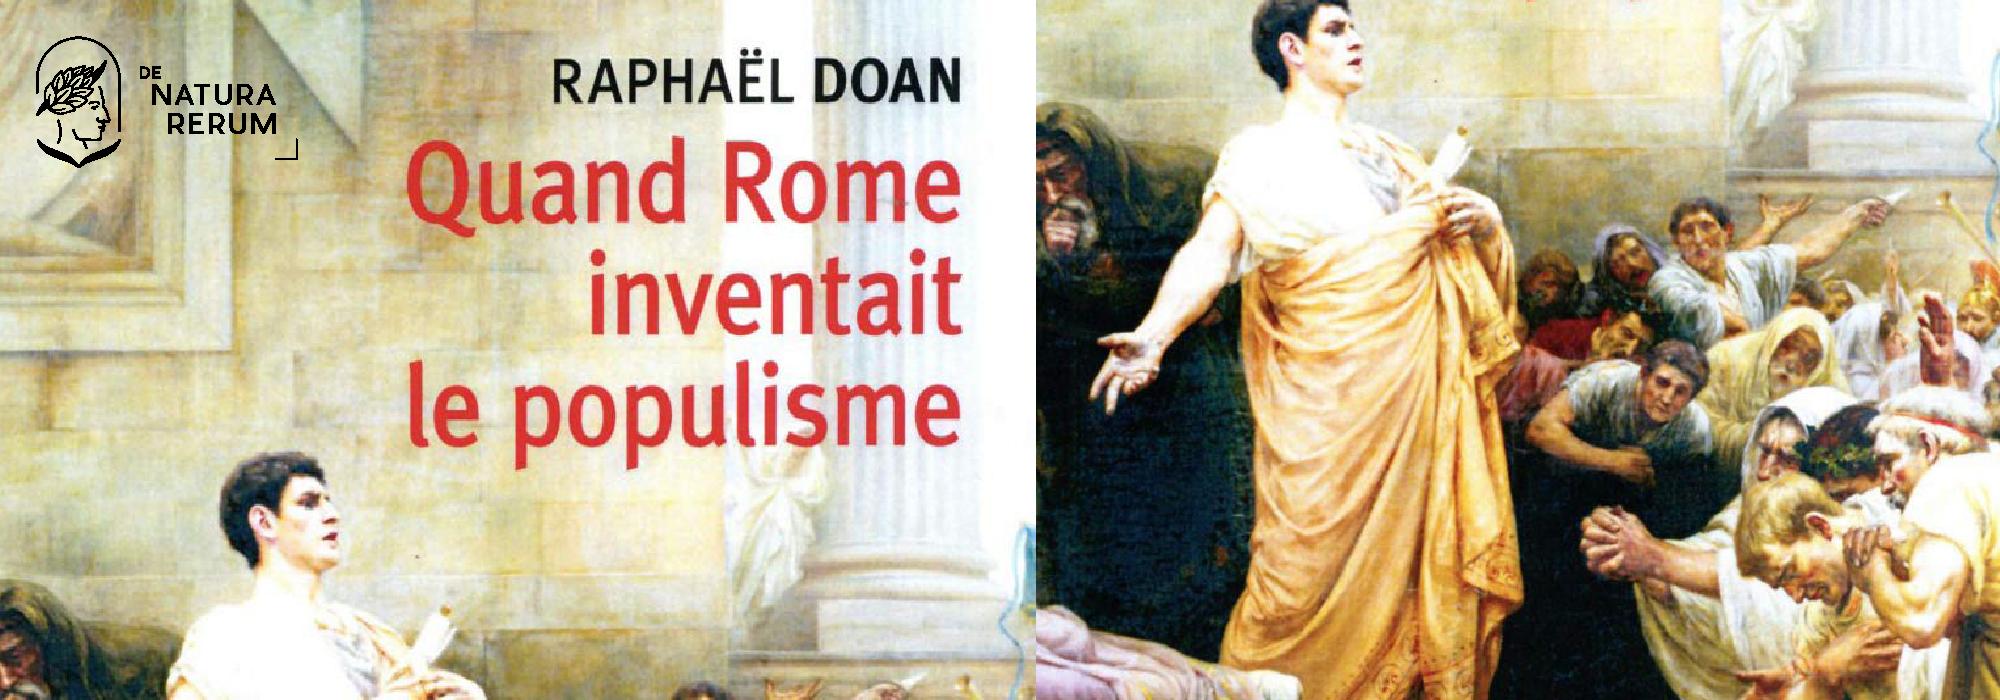 quand rome inventait le populisme de natura rerum